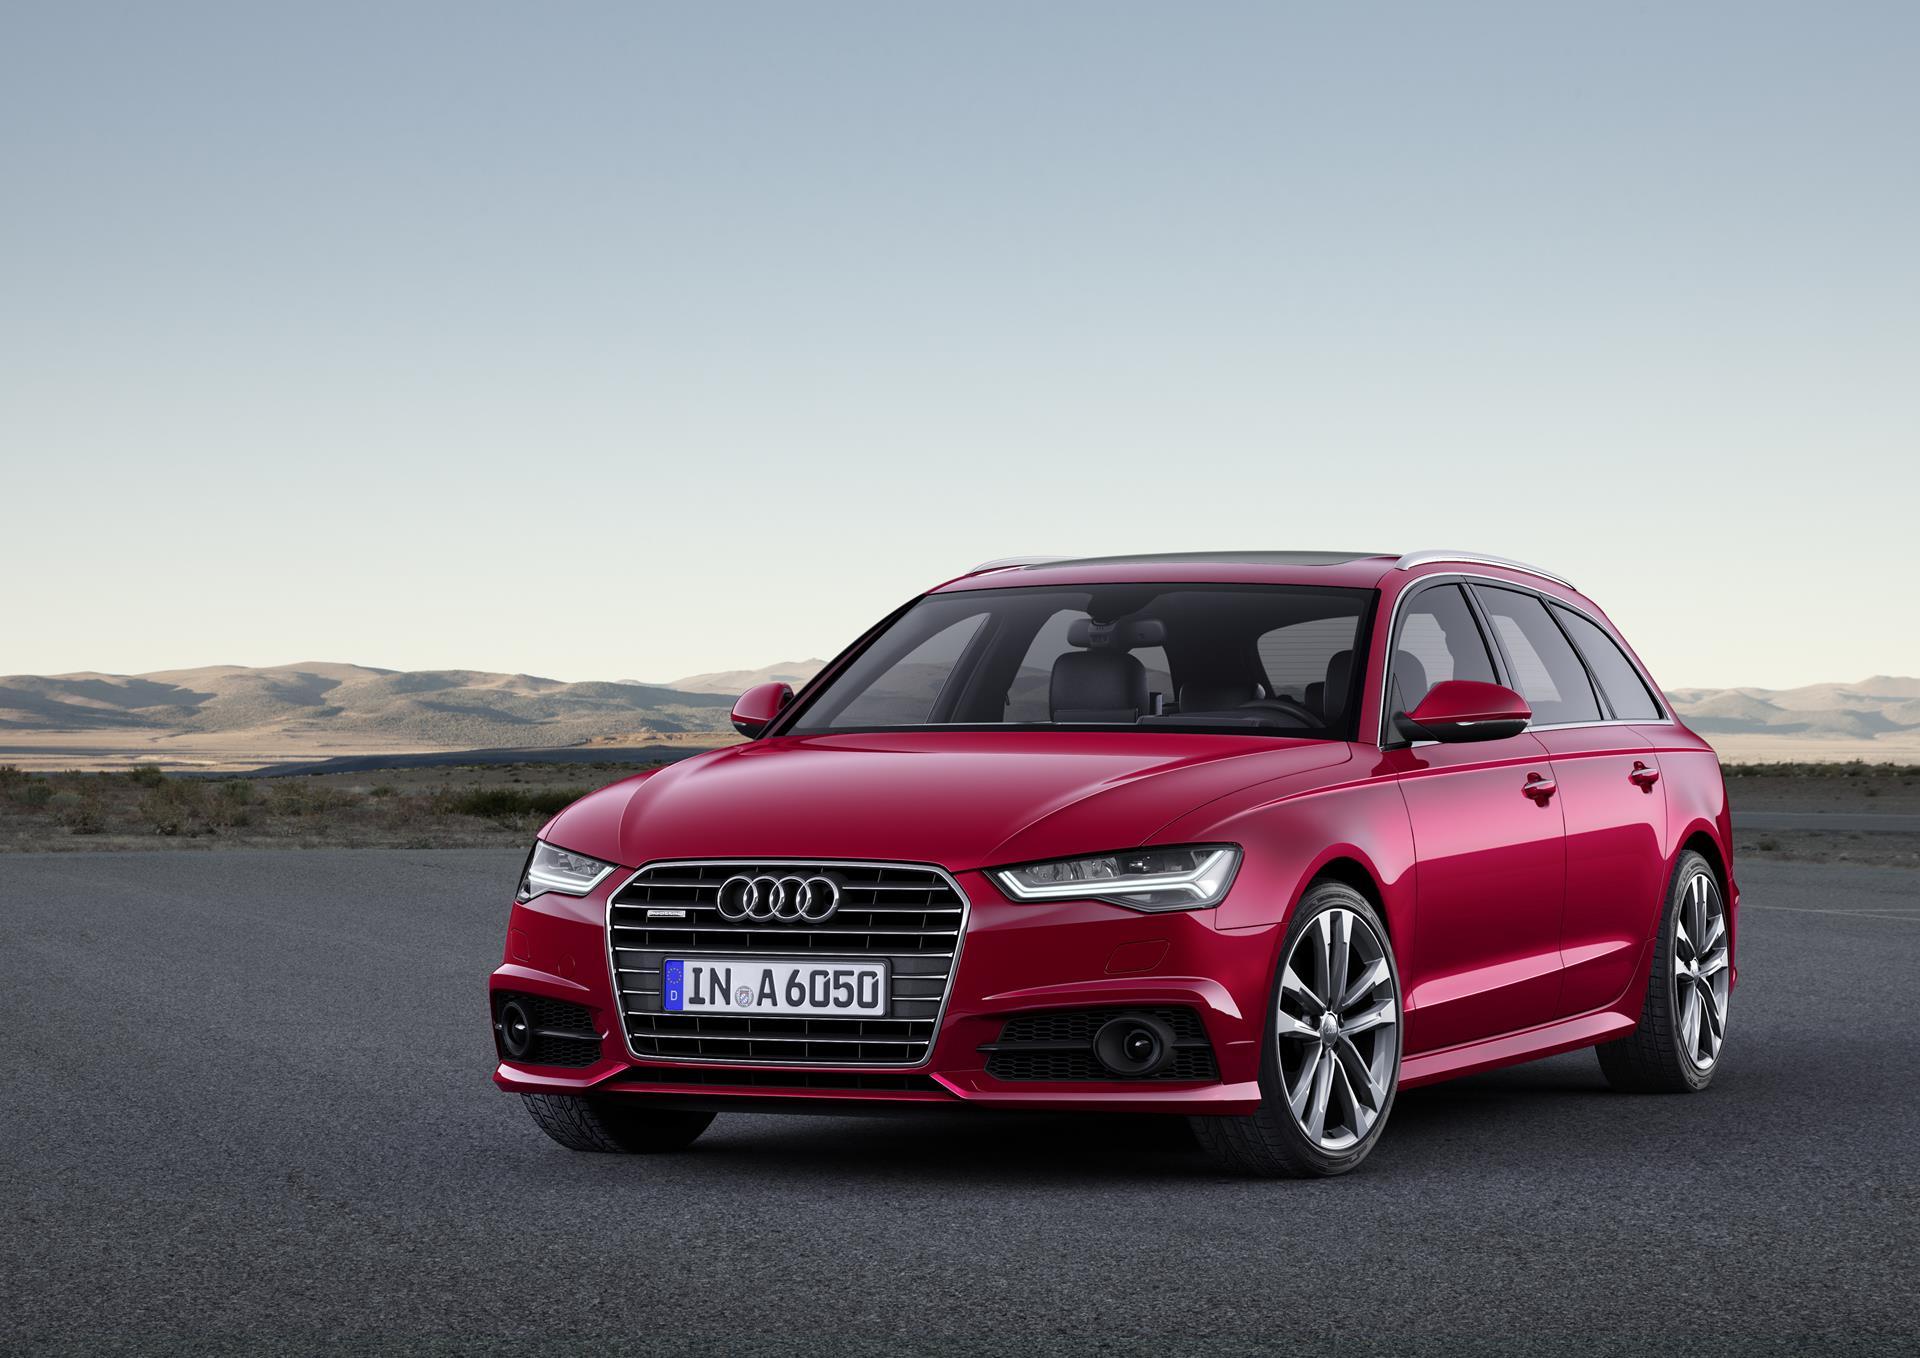 2017 audi a6 avant images photo audi a6 avant 2017 image for Audi a6 avant interieur